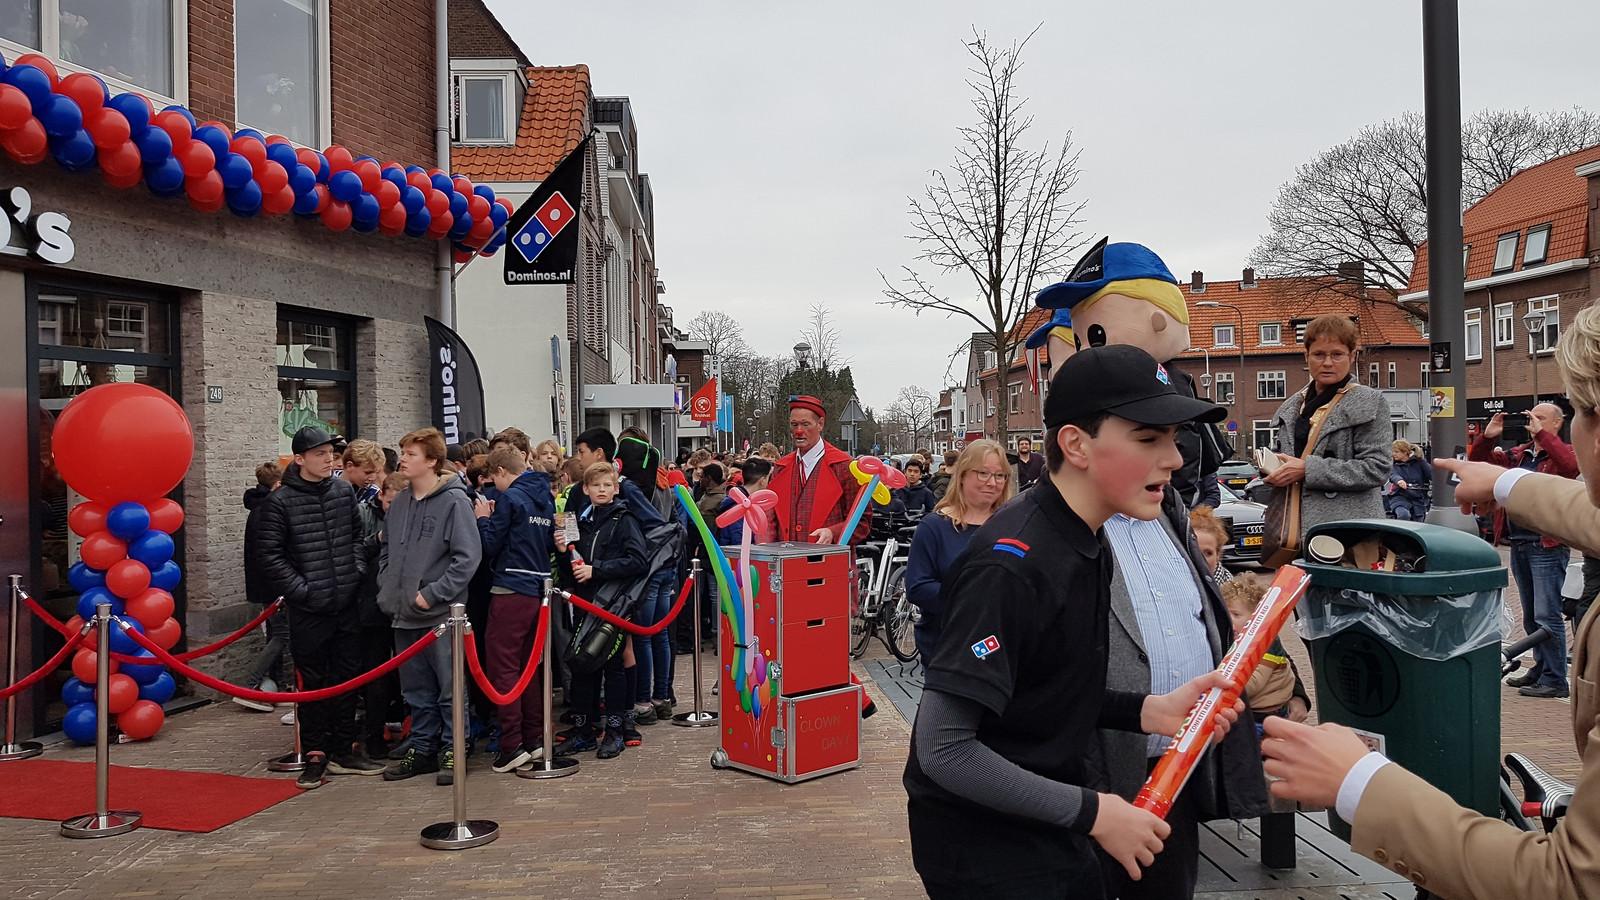 Het is druk bij de vierde Domino's vestiging in Nijmegen